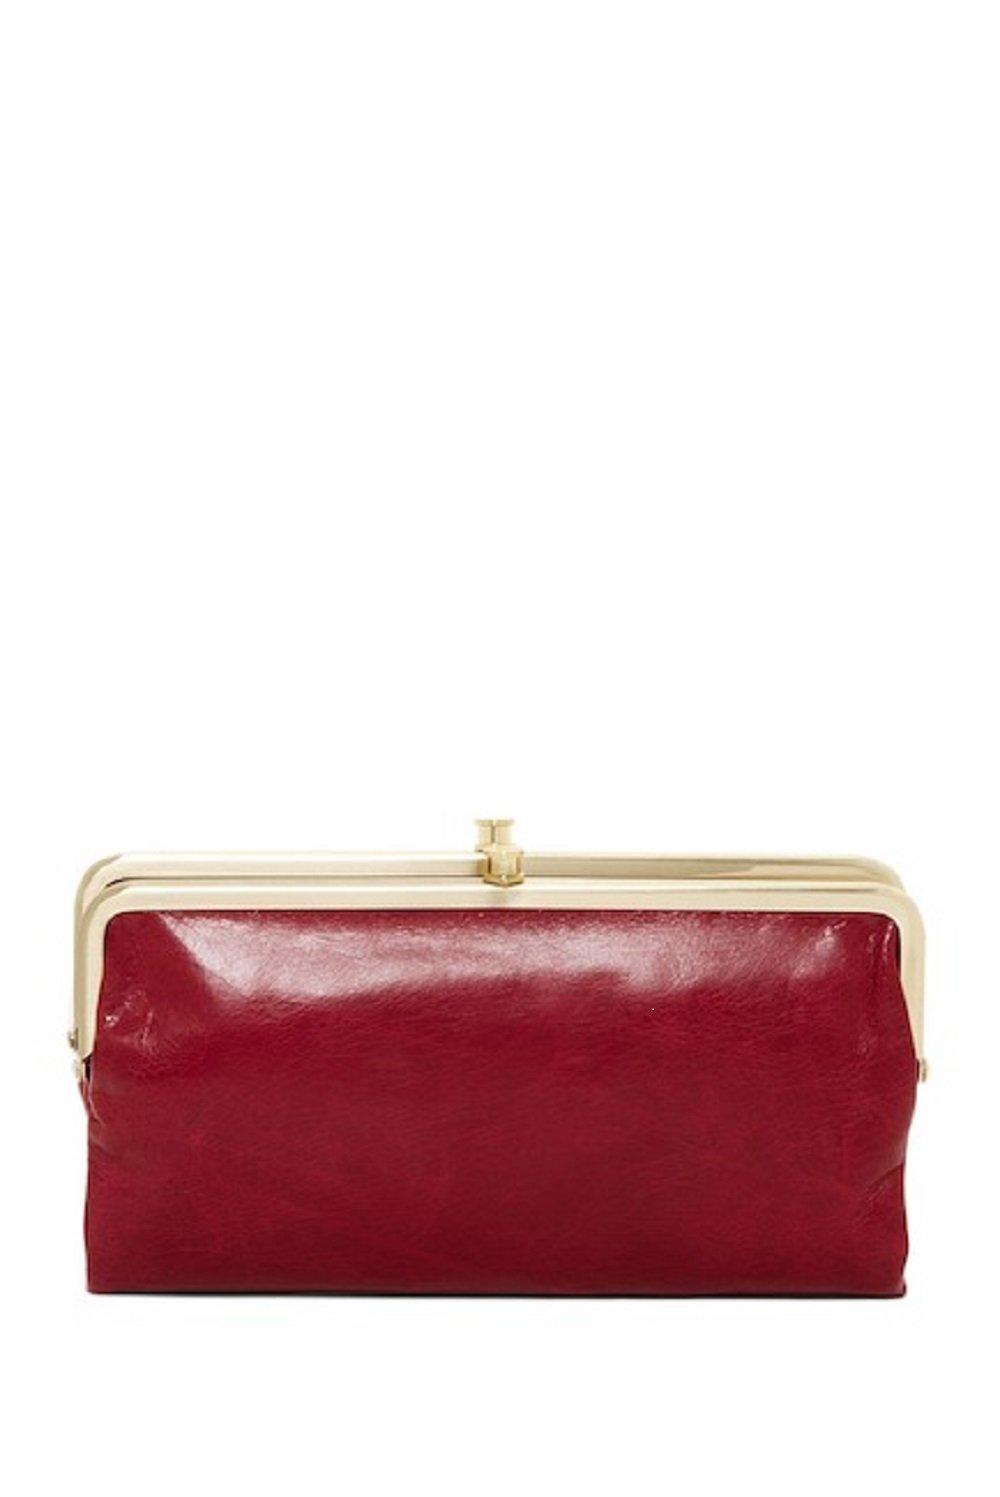 Hobo Womens Lauren Wallet RED PLUM Clutch Purse